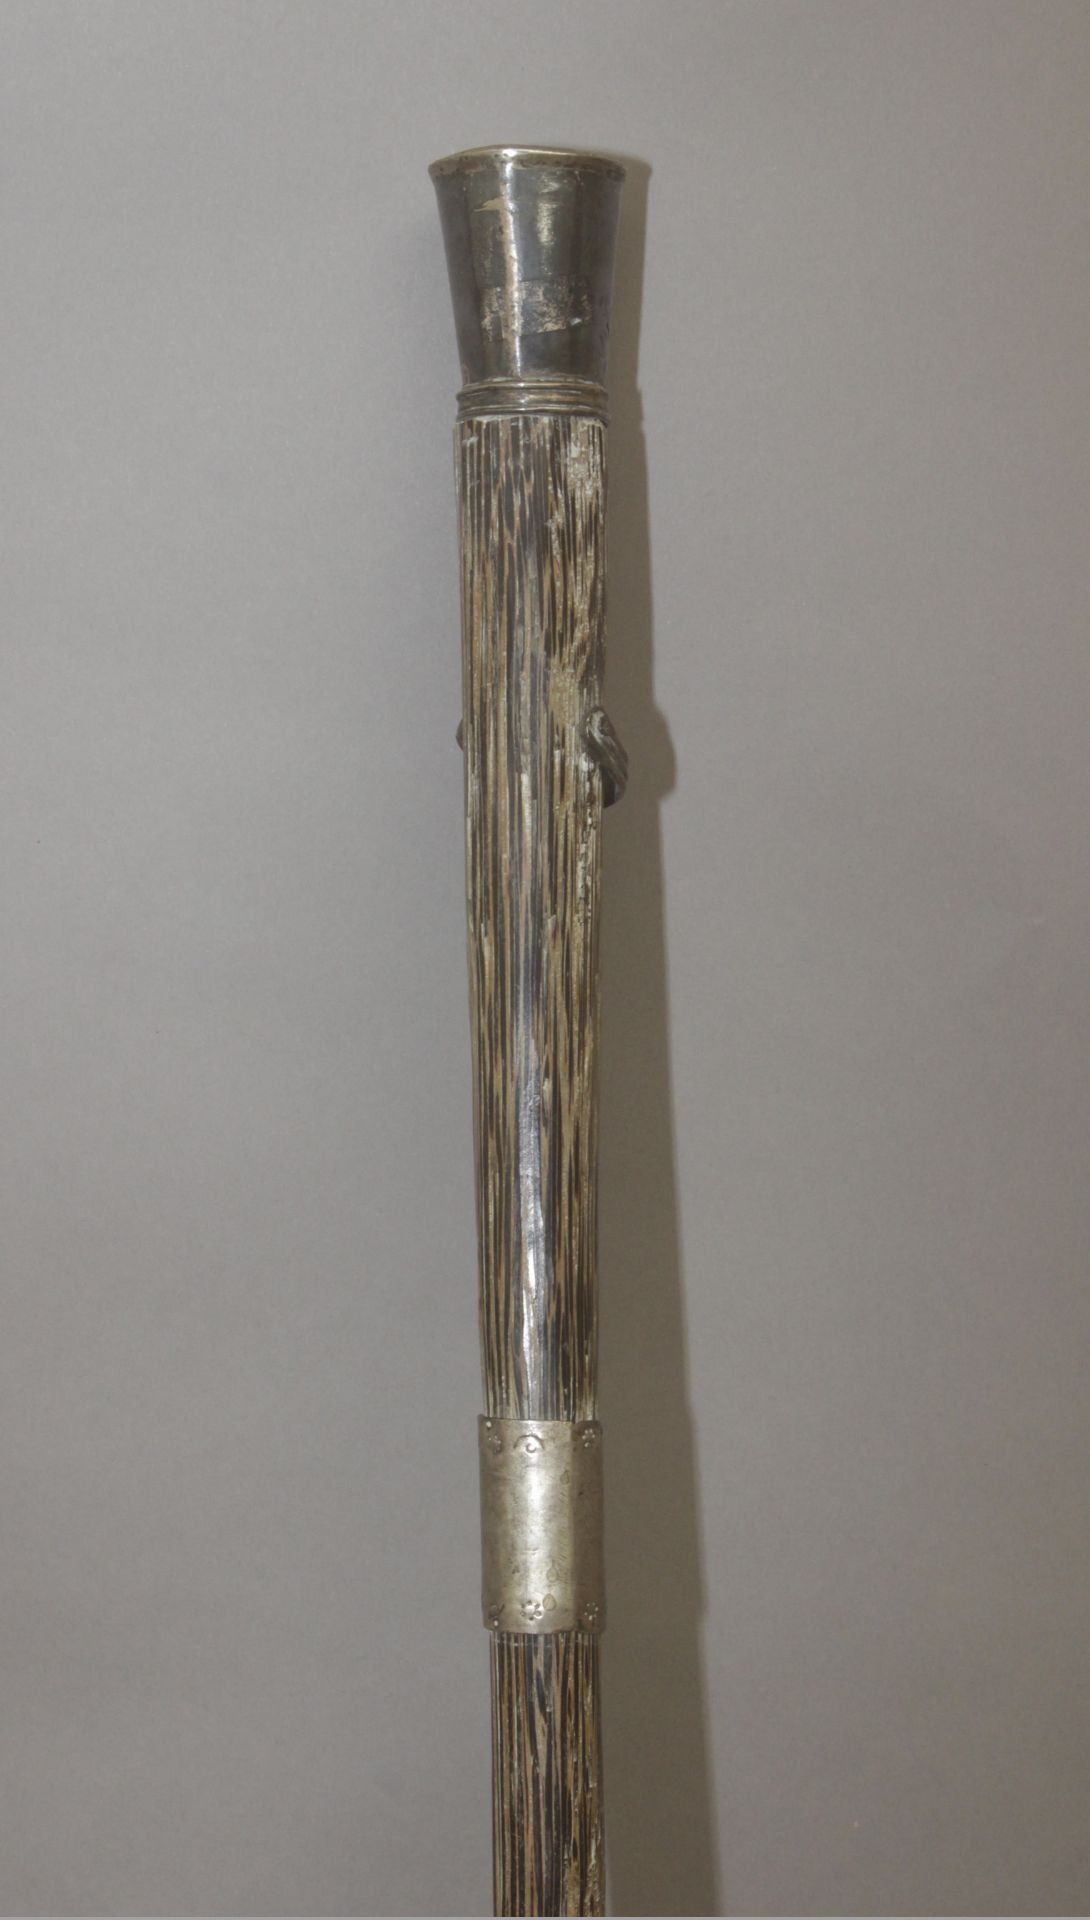 A 19th century walking stick - Bild 4 aus 5